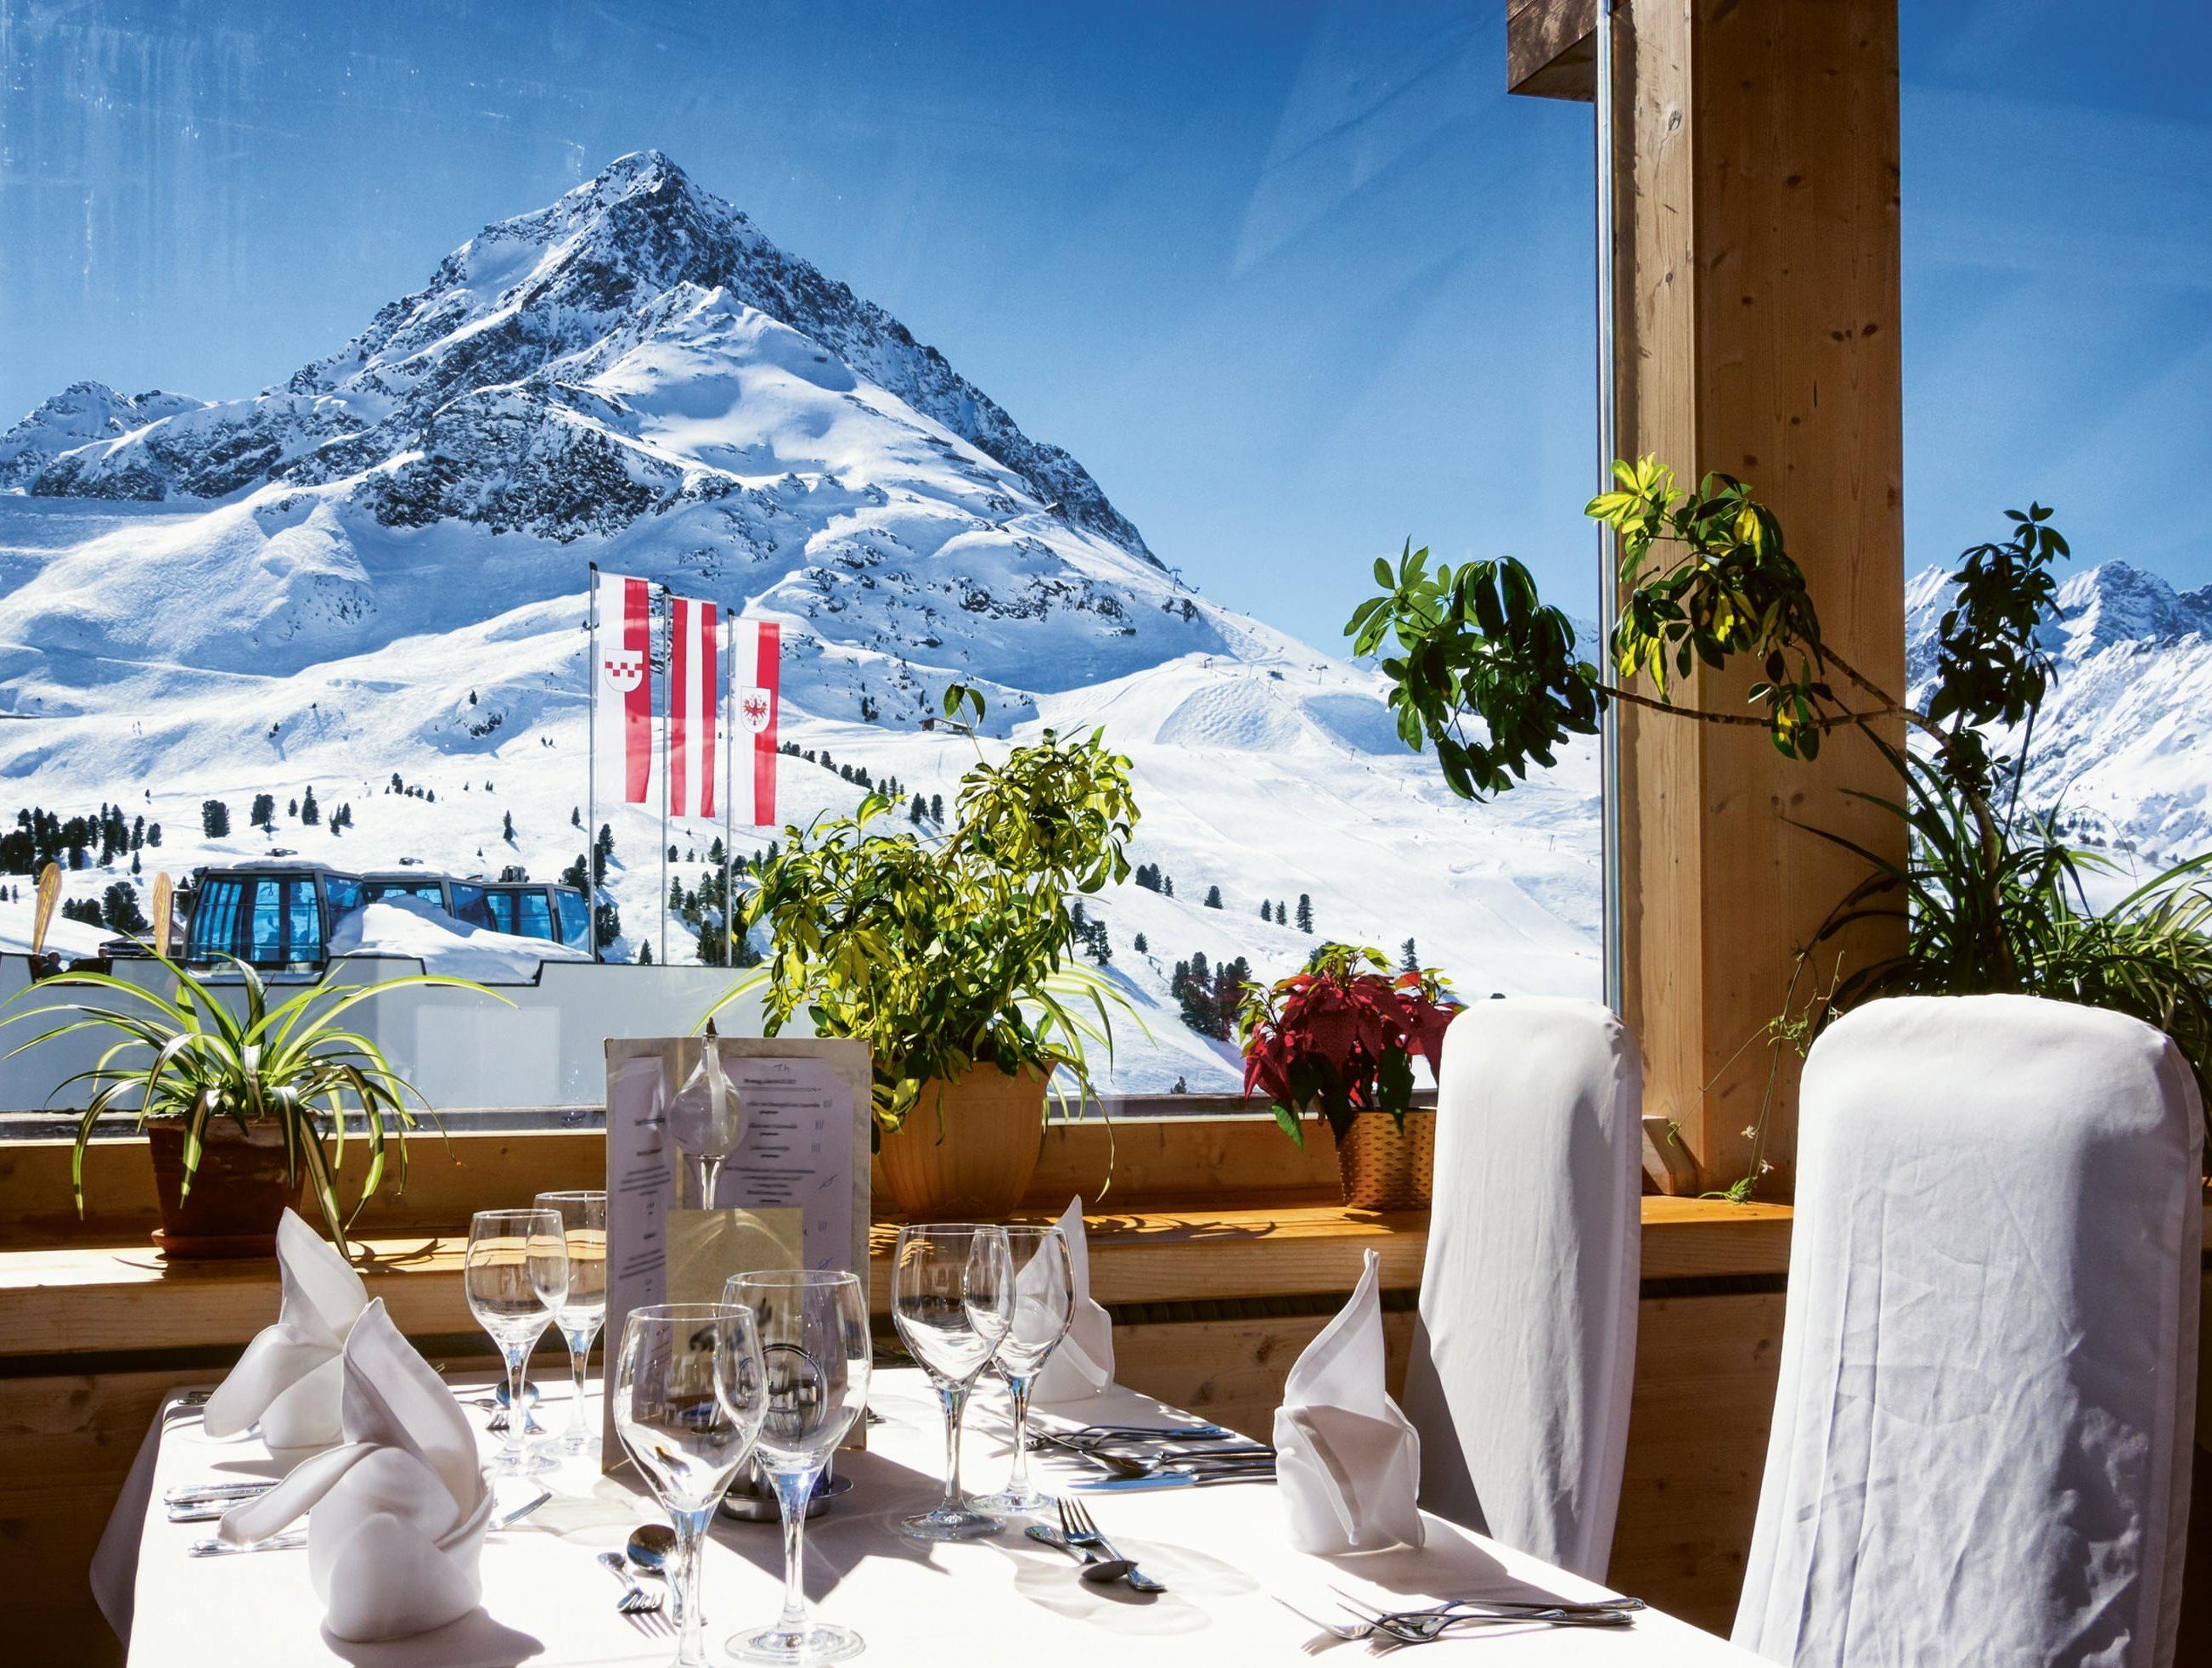 Tourismusstandort Österreich – Tourismus pragmatisch gedacht